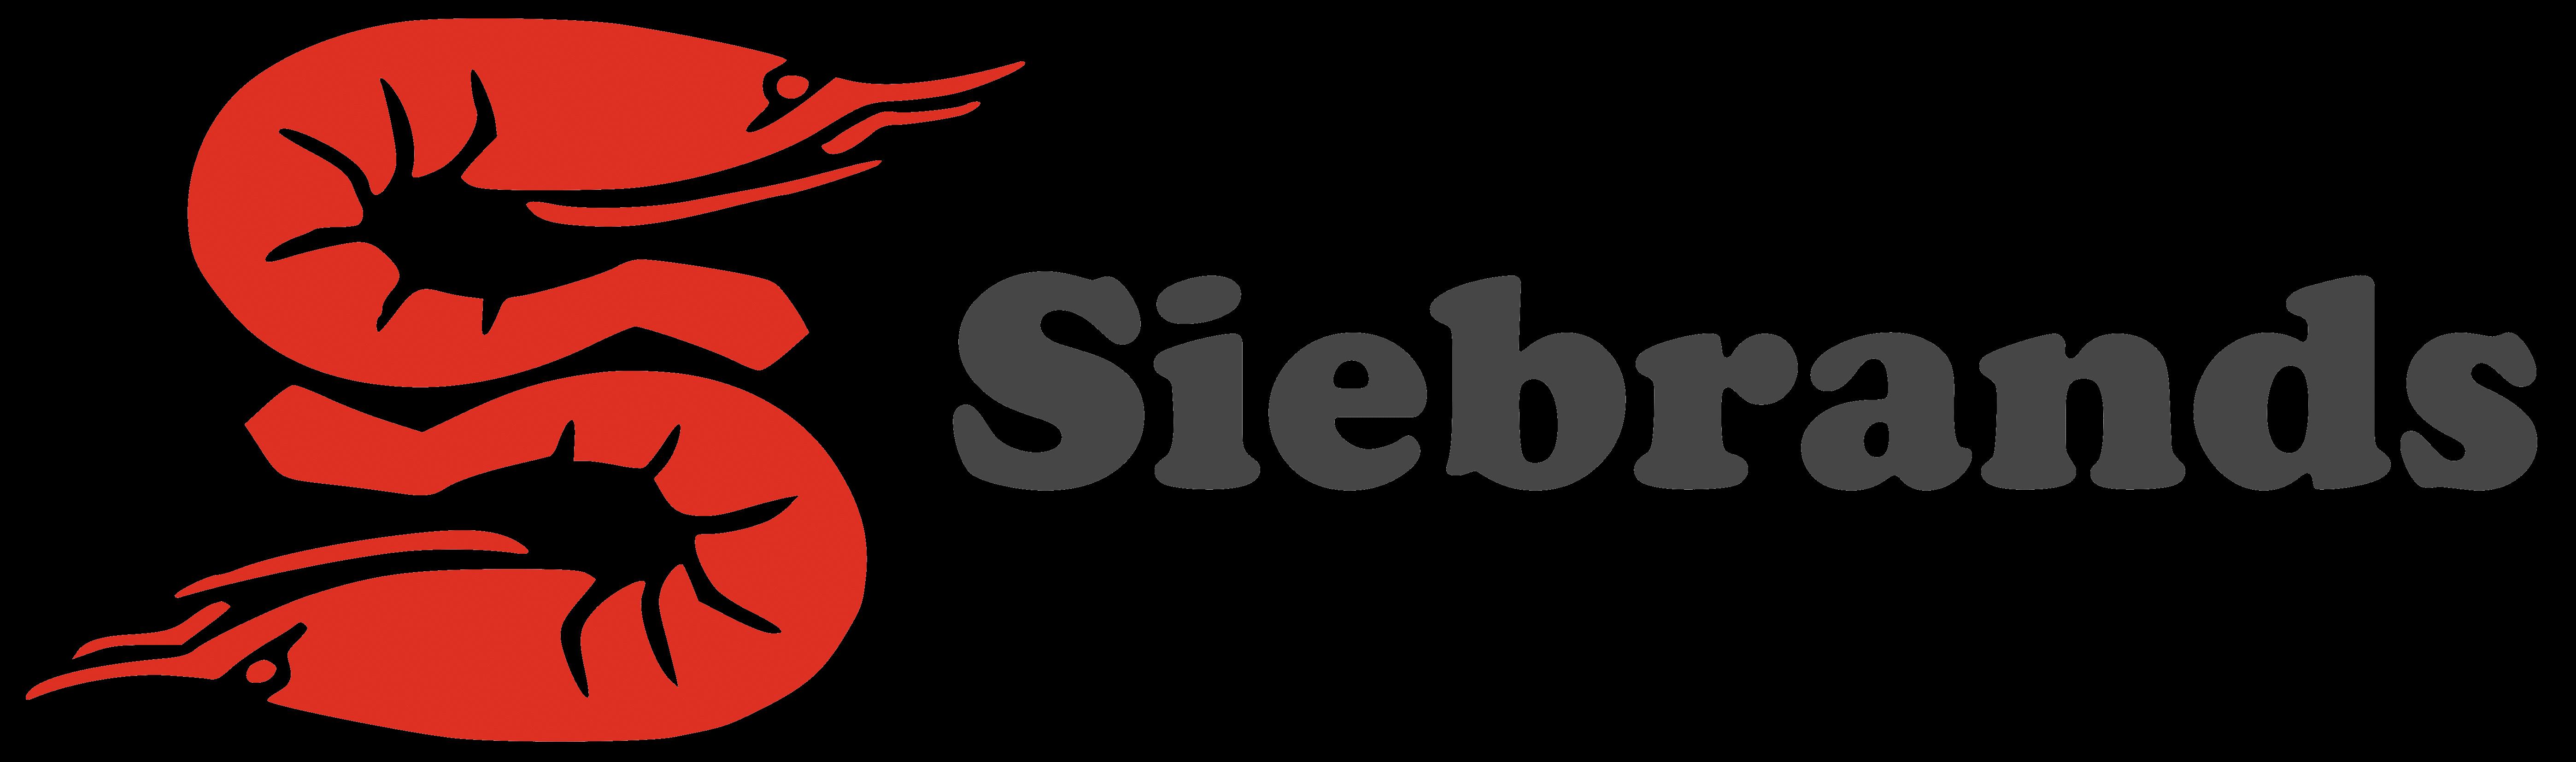 Siebrands-Fischereibetrieb GmbH & Co. KG